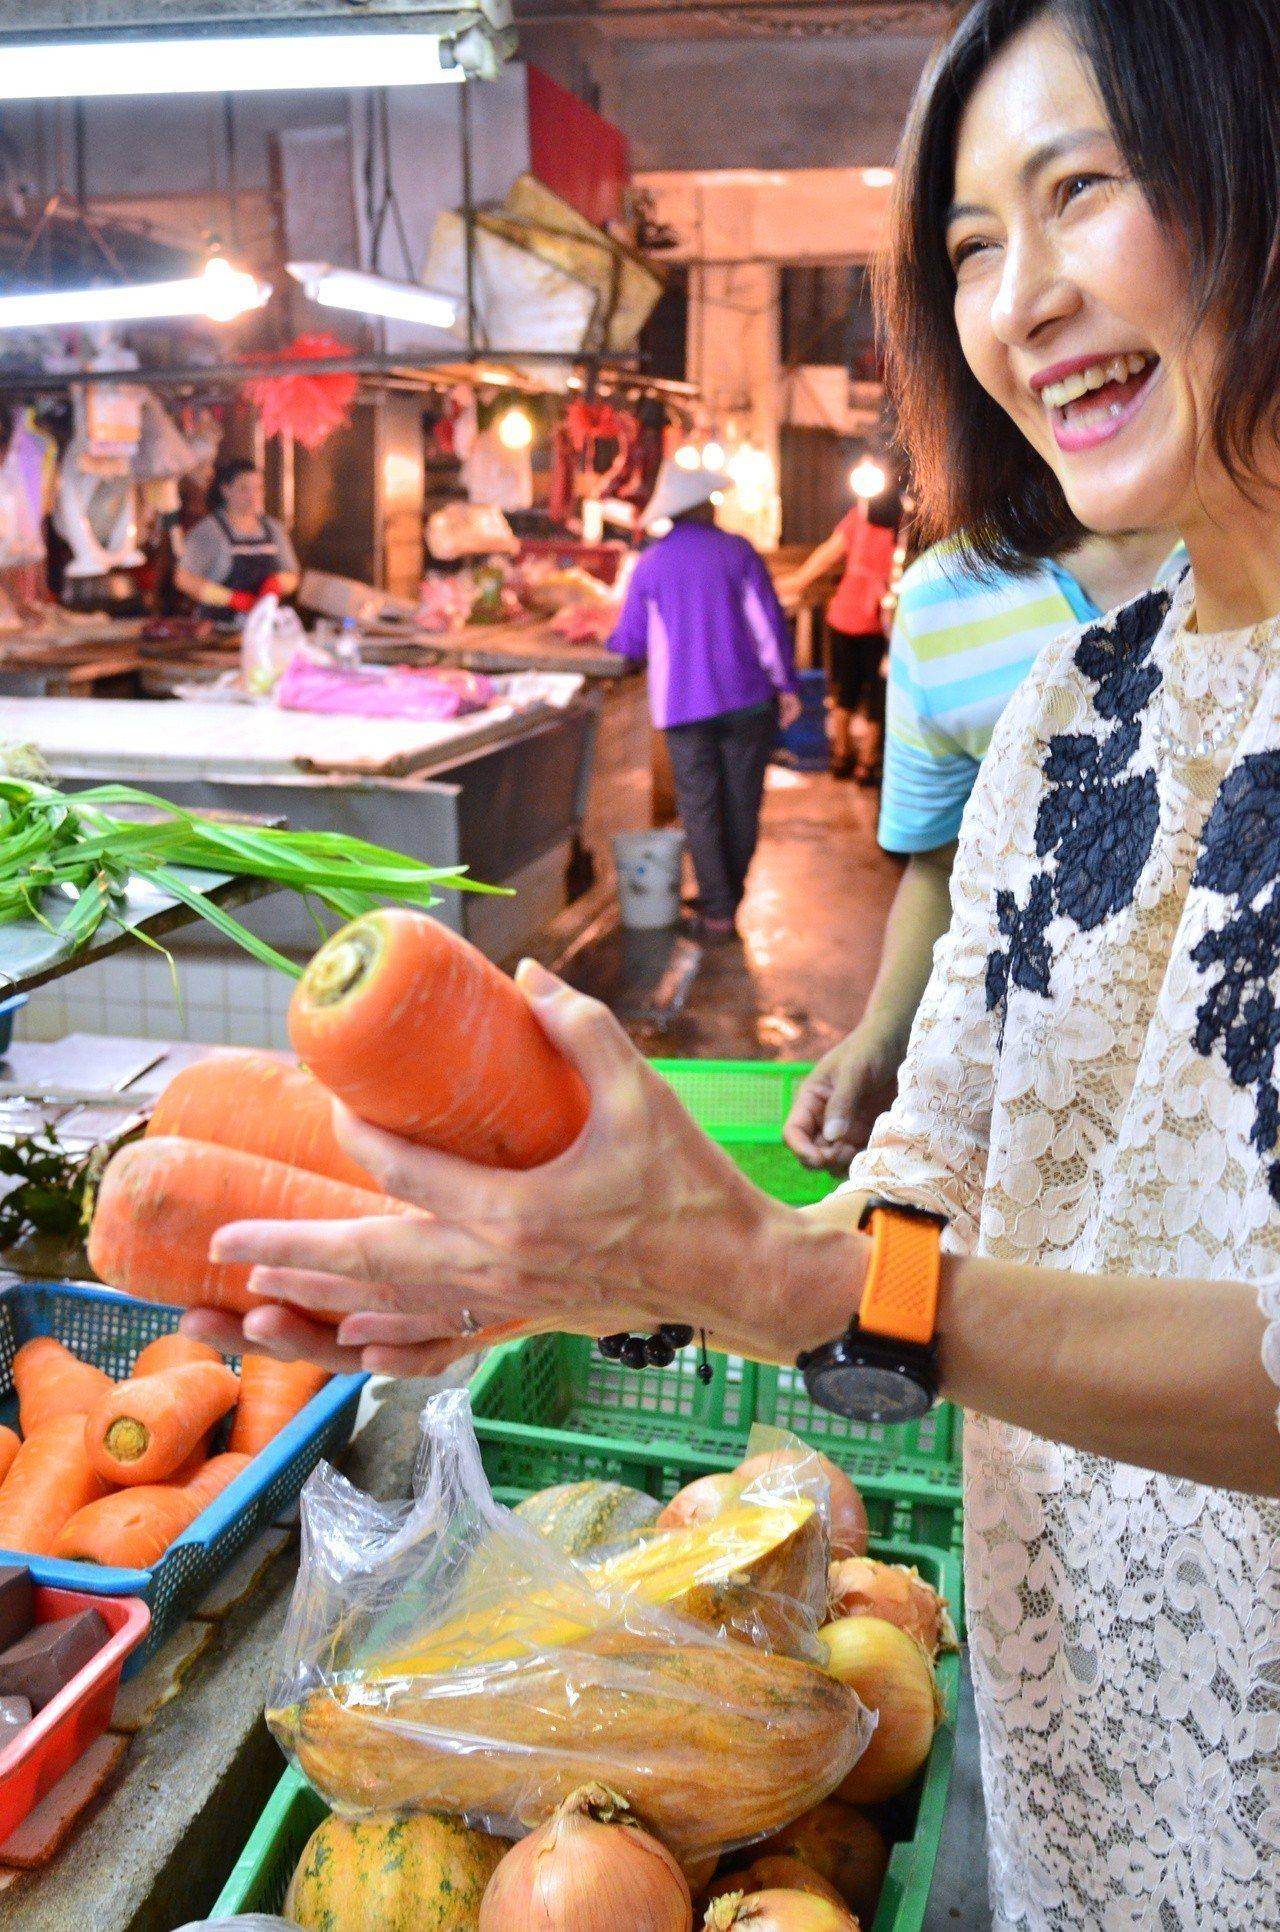 高雄市觀光局長曾姿雯也到魚農故鄉梓官,到市場採買在地蔬菜紅蘿蔔、包心白菜等,提供...